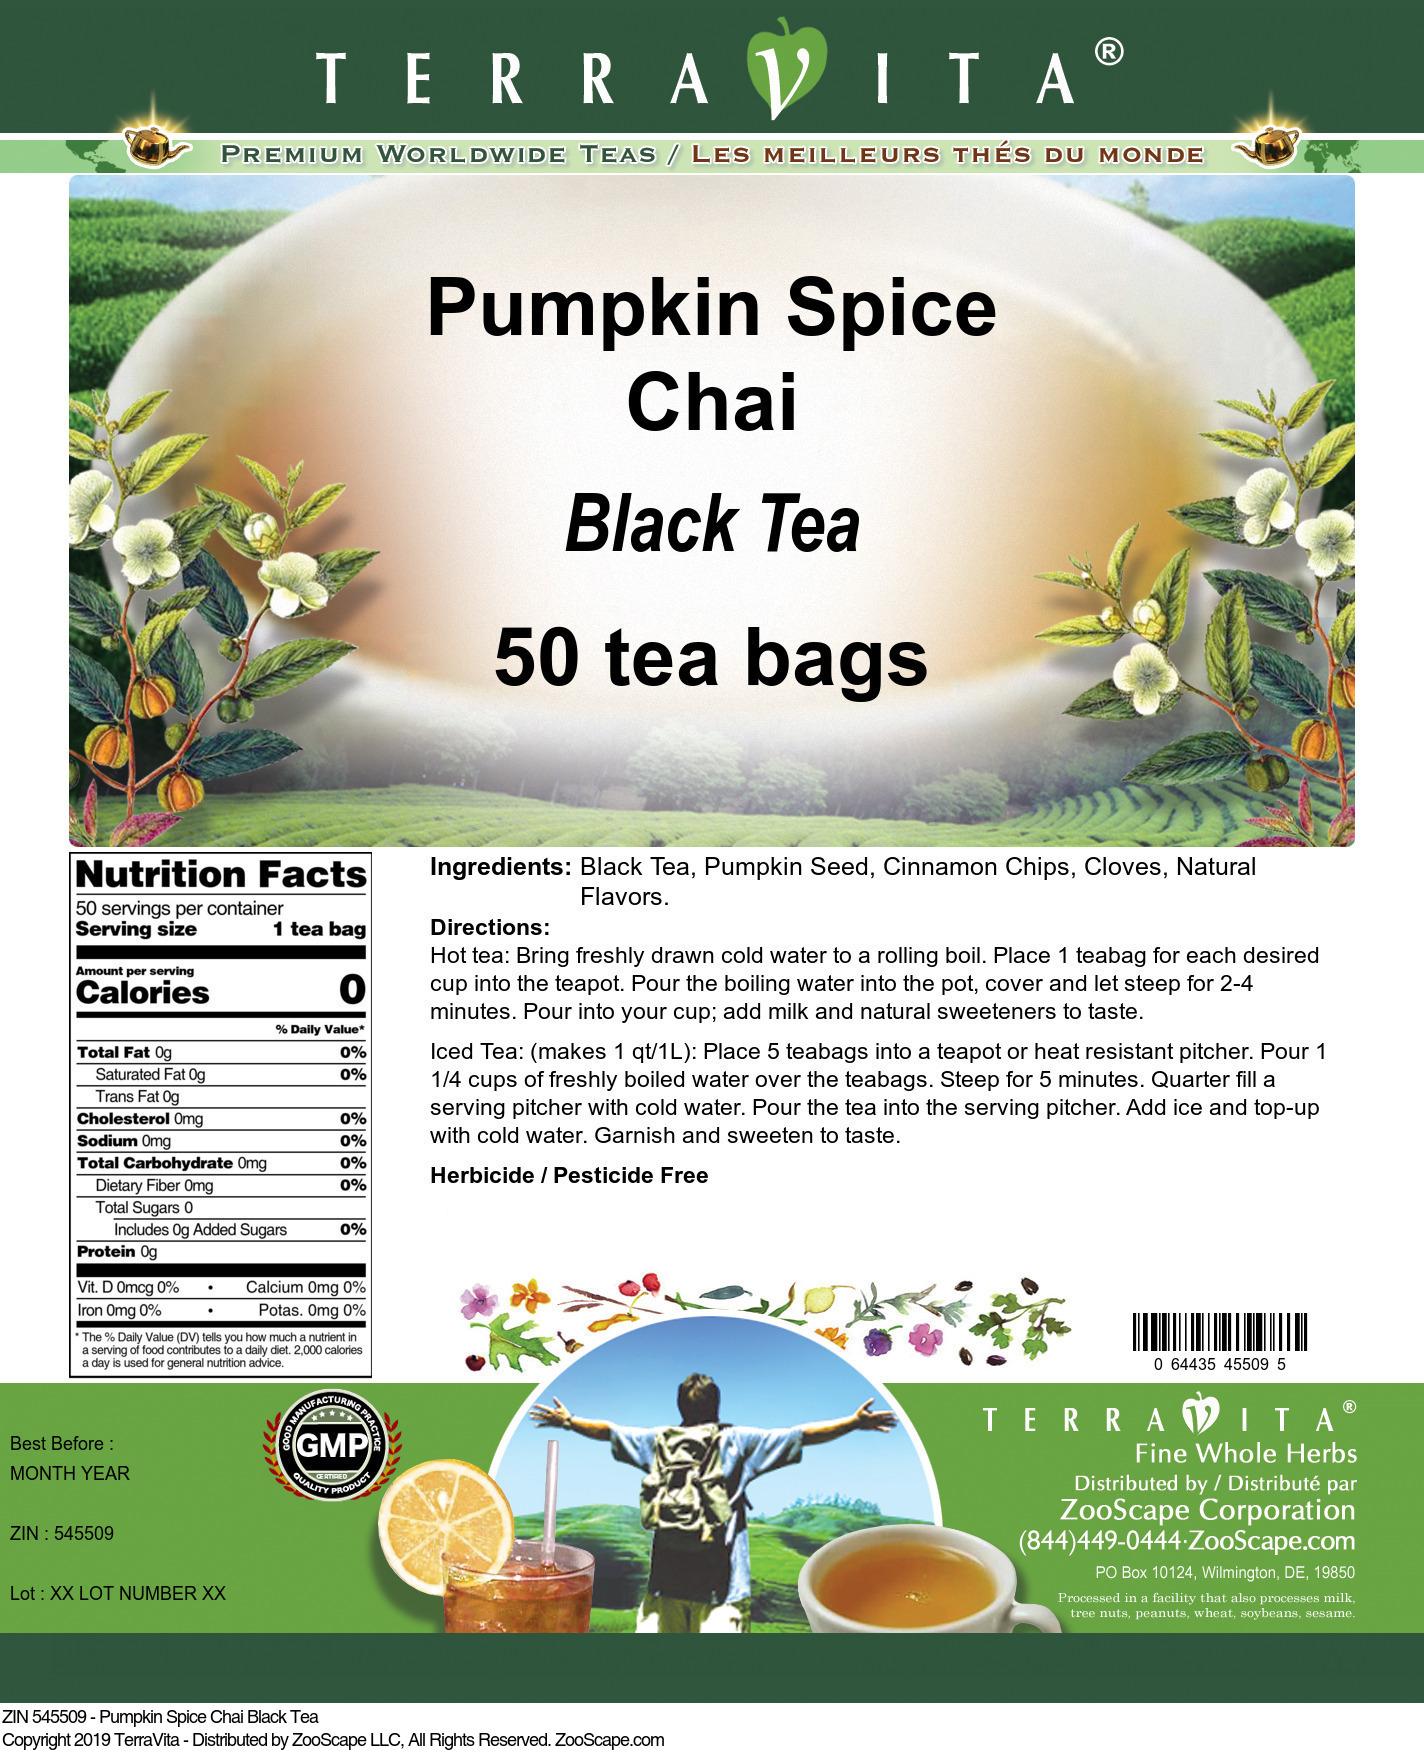 Pumpkin Spice Chai Black Tea